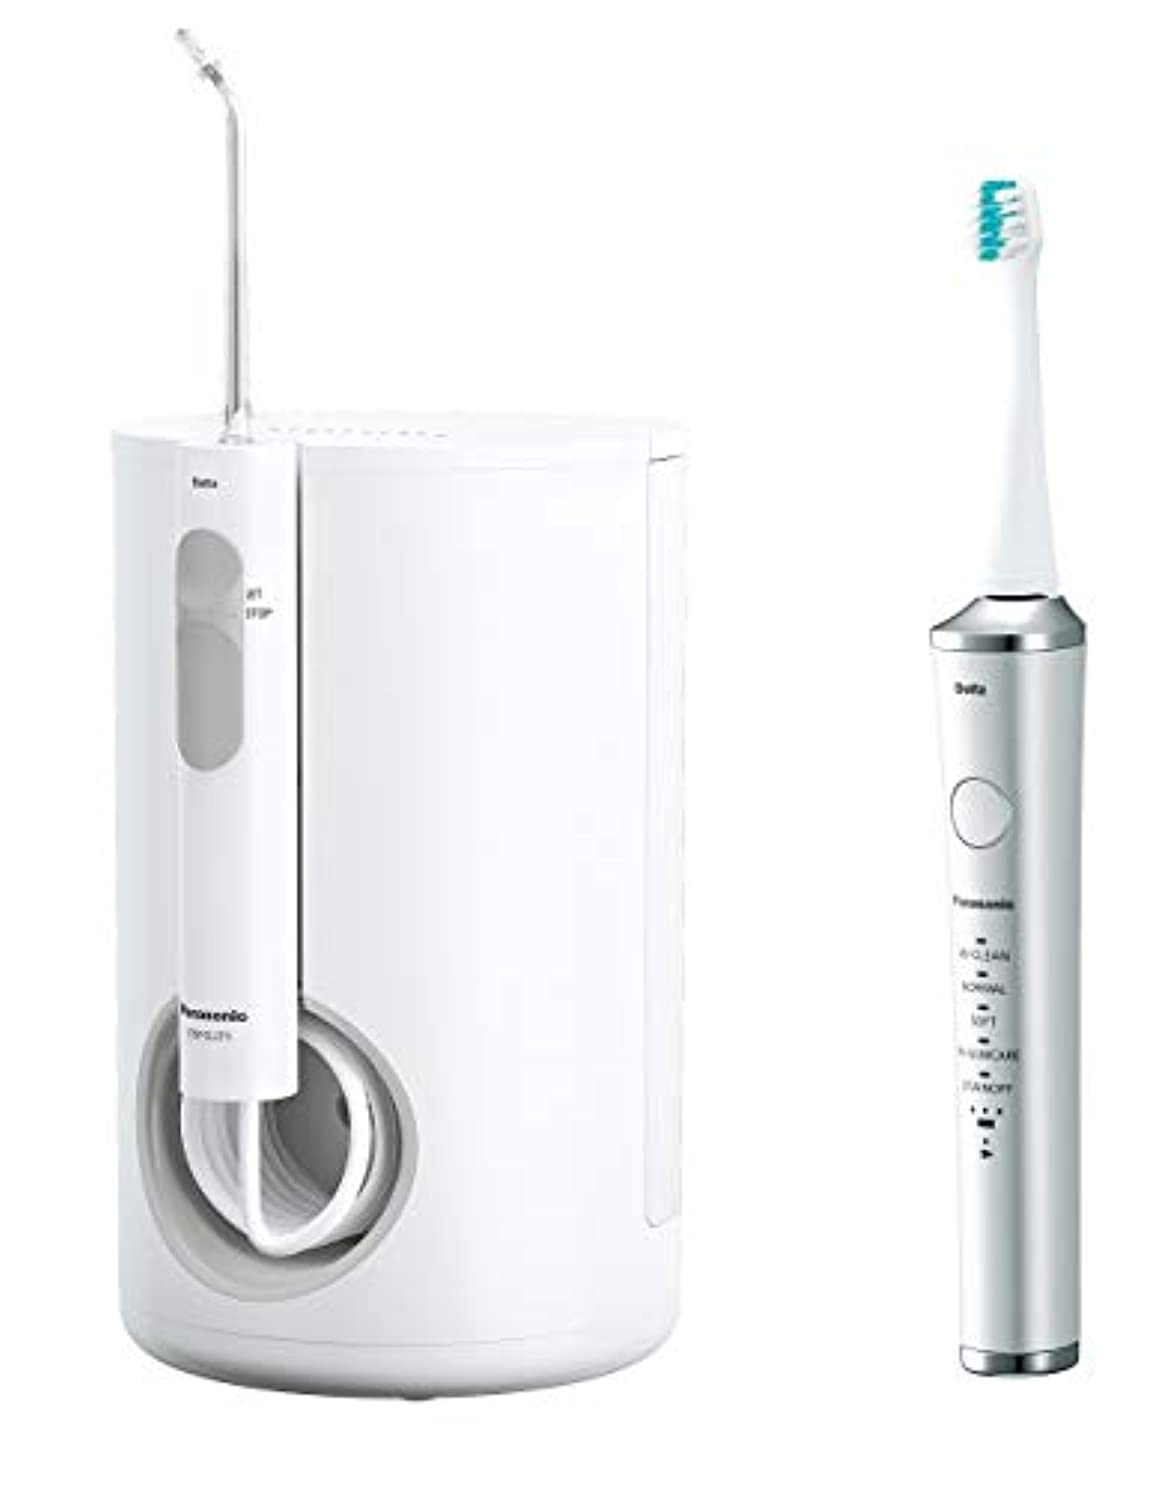 兵隊質素なやろうパナソニック 口腔洗浄器 ジェットウォッシャー ドルツ 白 EW-DJ71-W + 電動歯ブラシ ドルツ セット